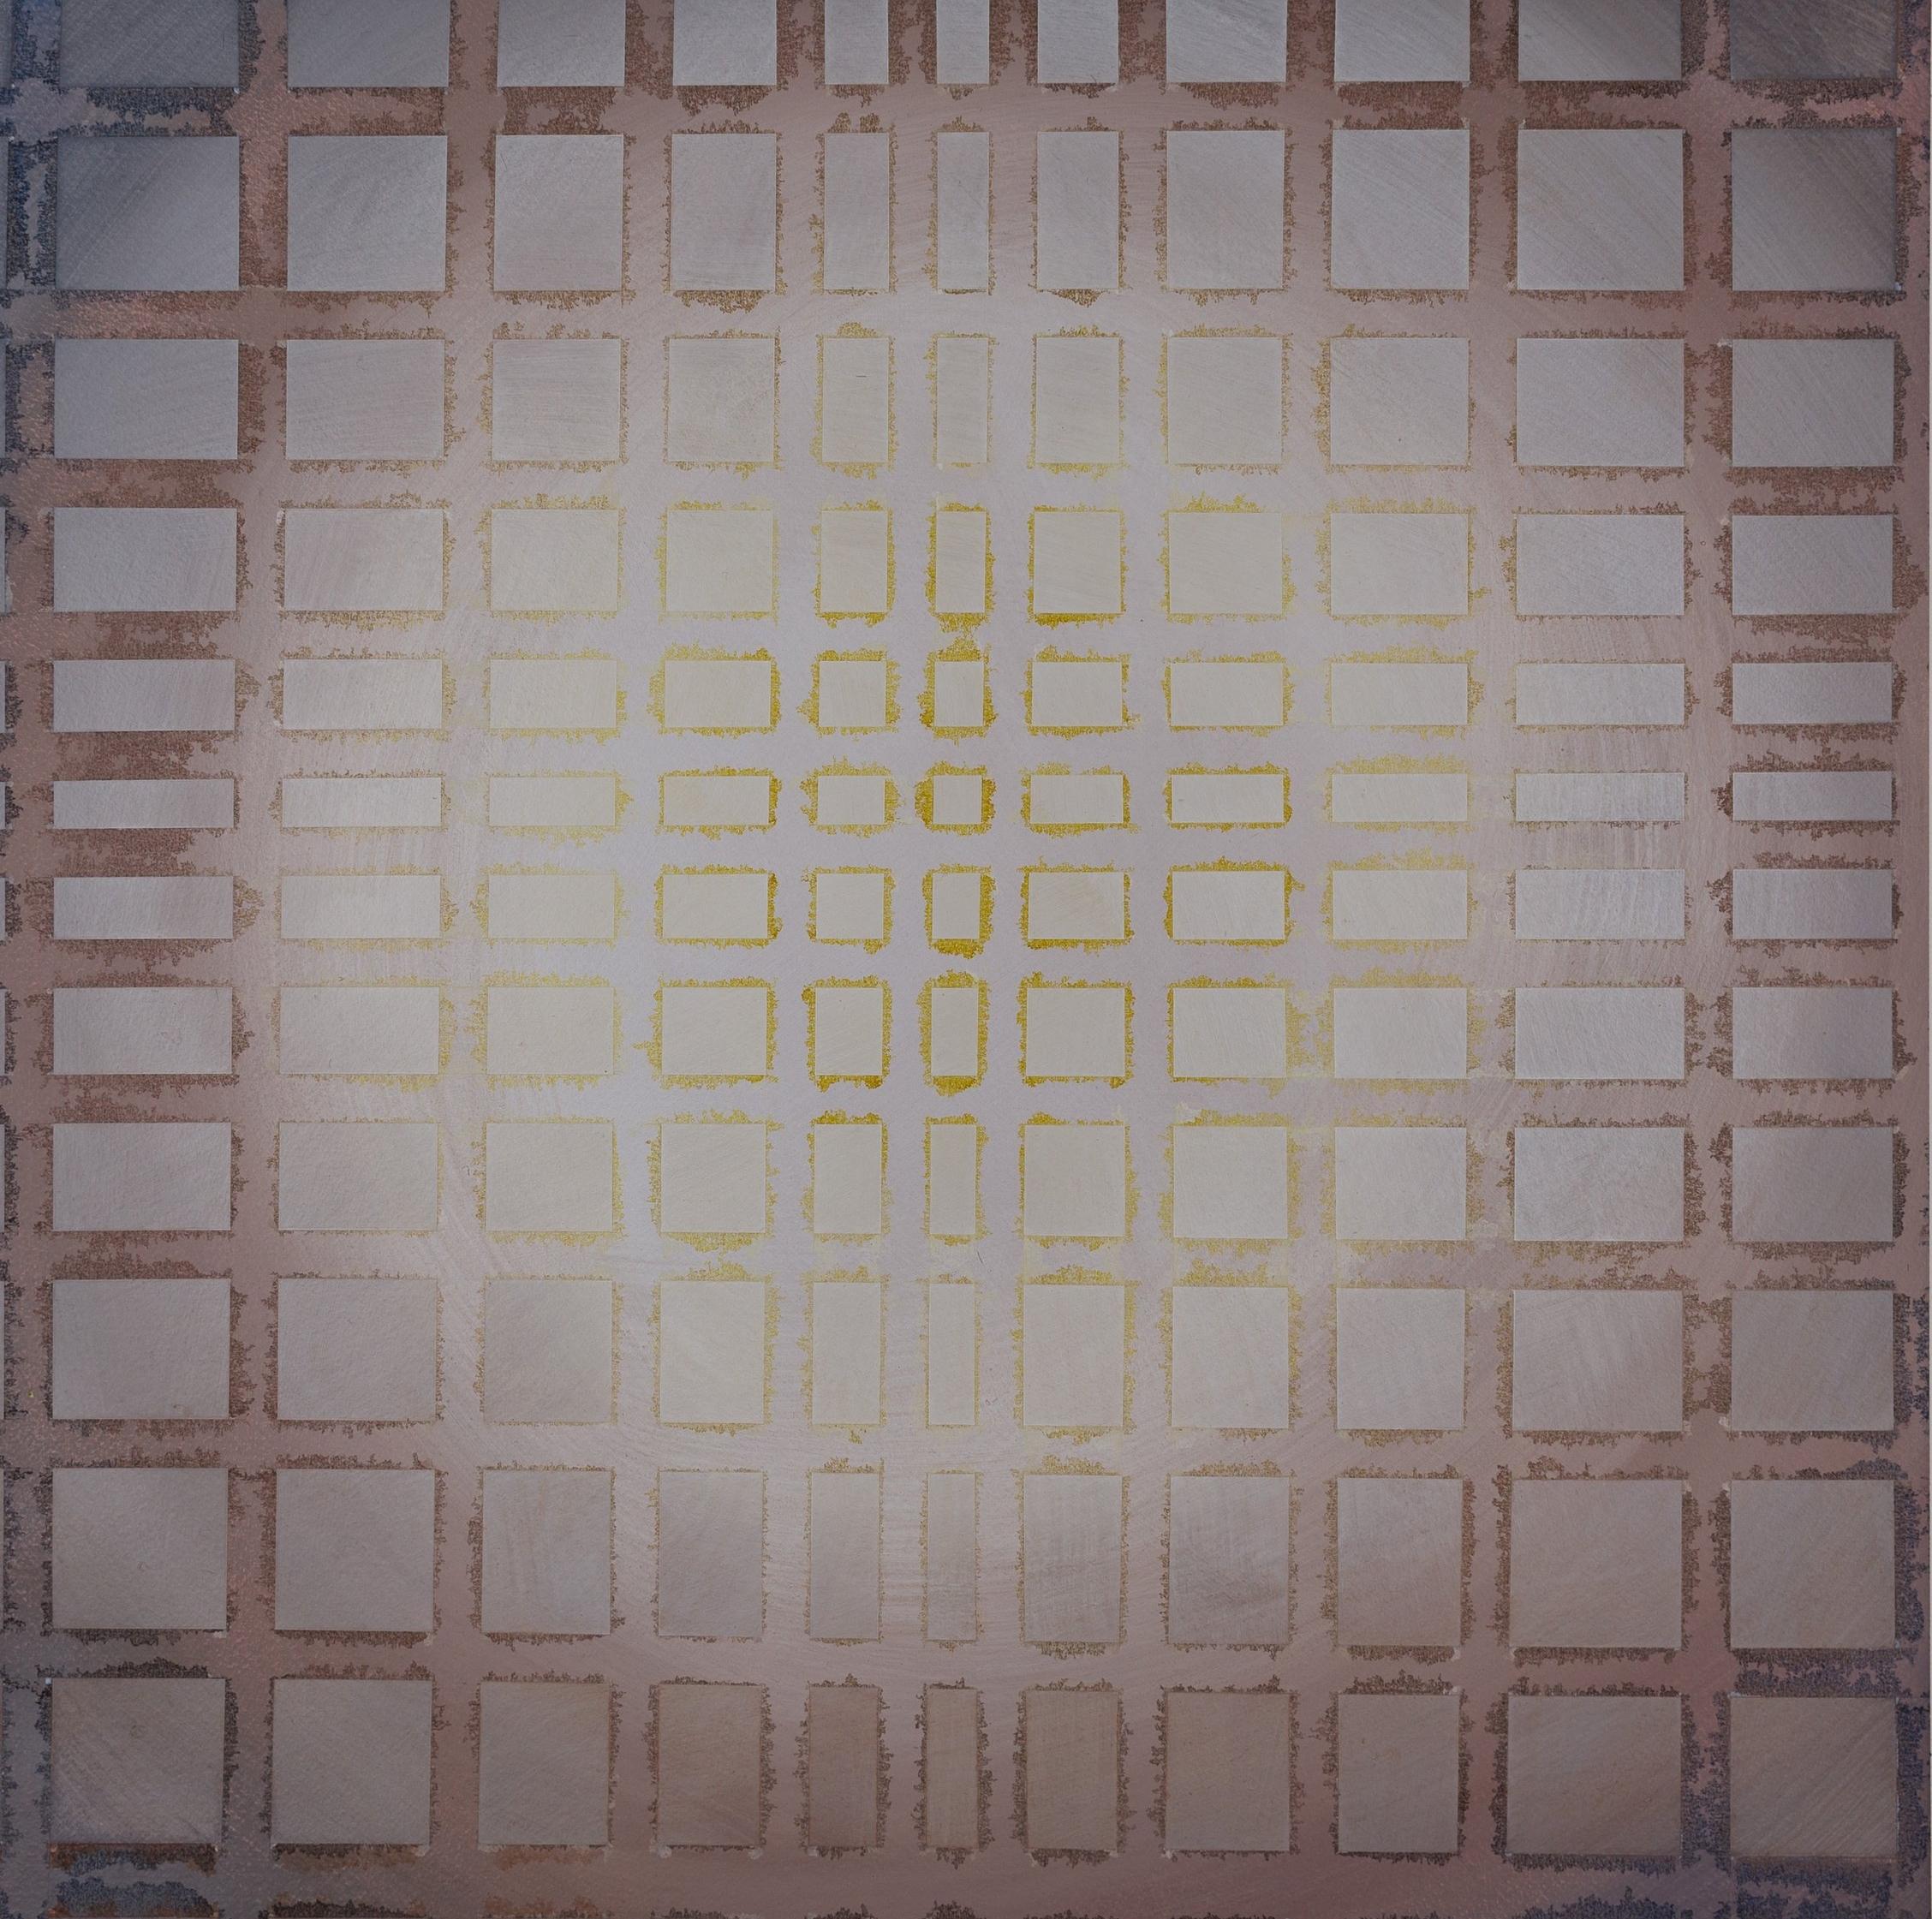 """Liminal III, 2015, 20""""x20"""", acrylic on paper"""